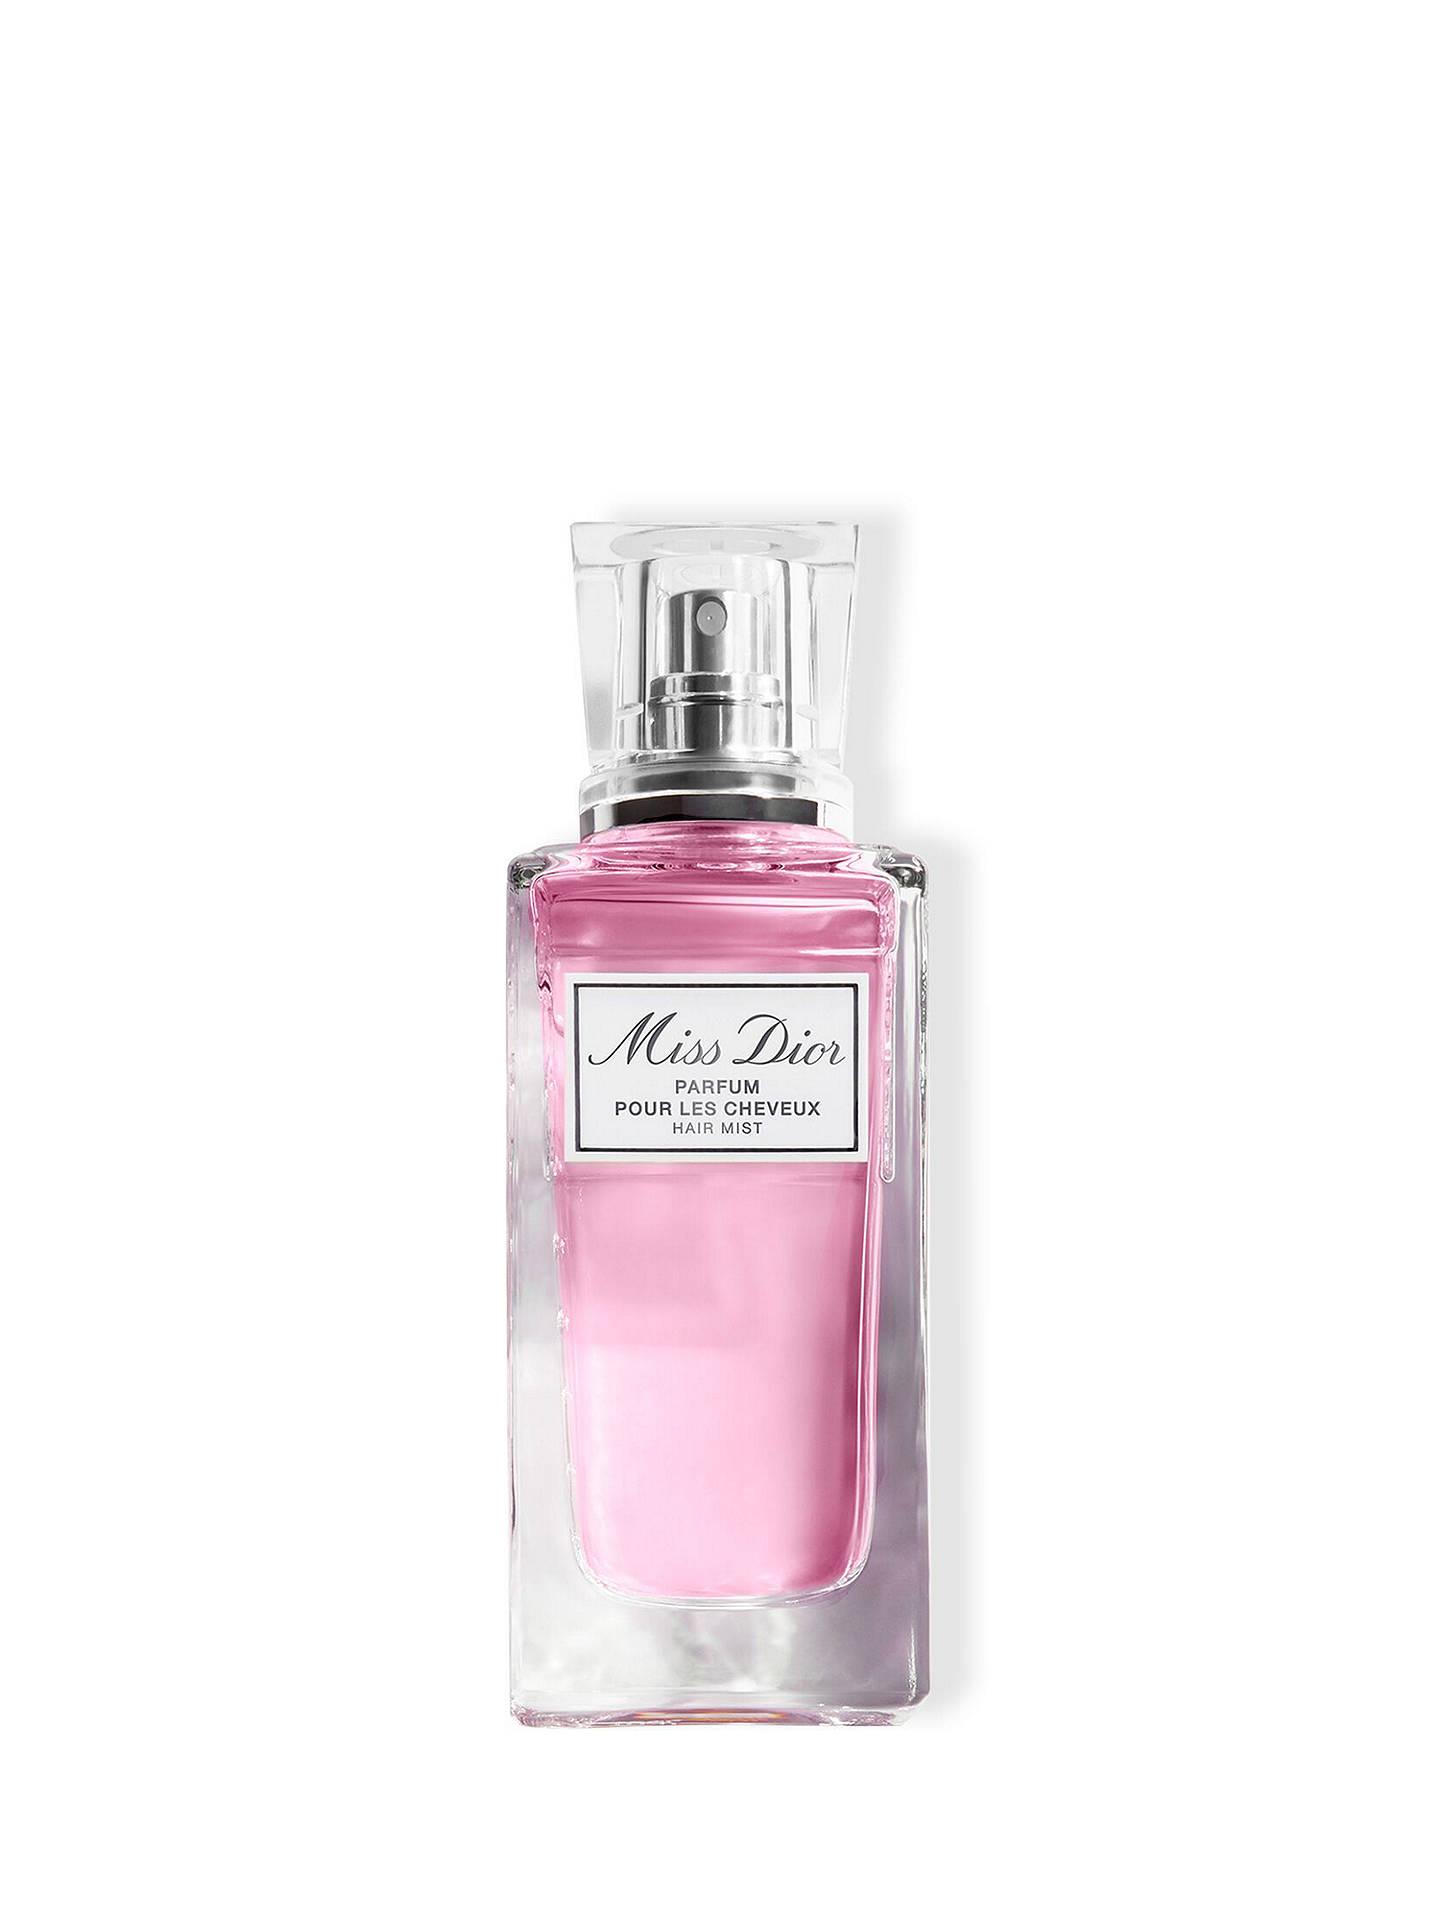 Dior Miss Dior Hair Mist 30ml At John Lewis Partners